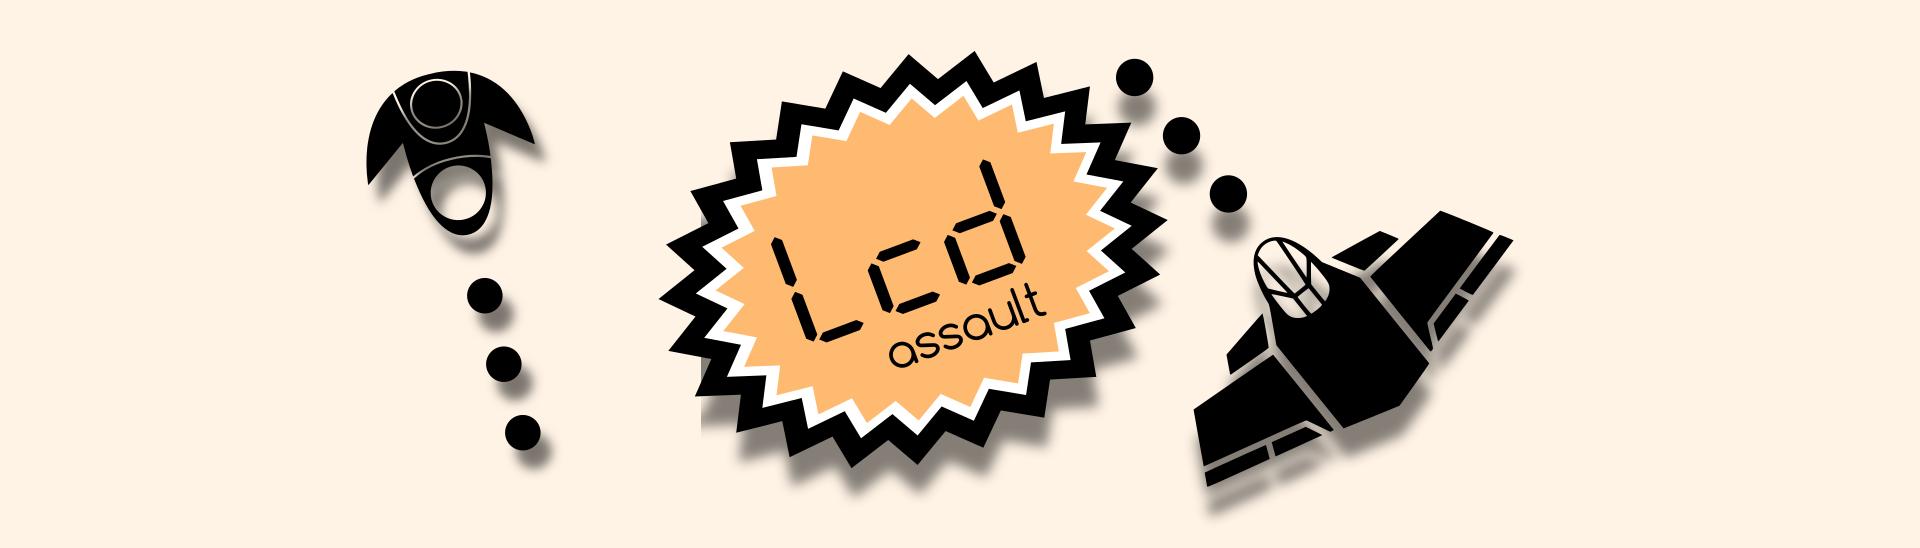 lcd-assault